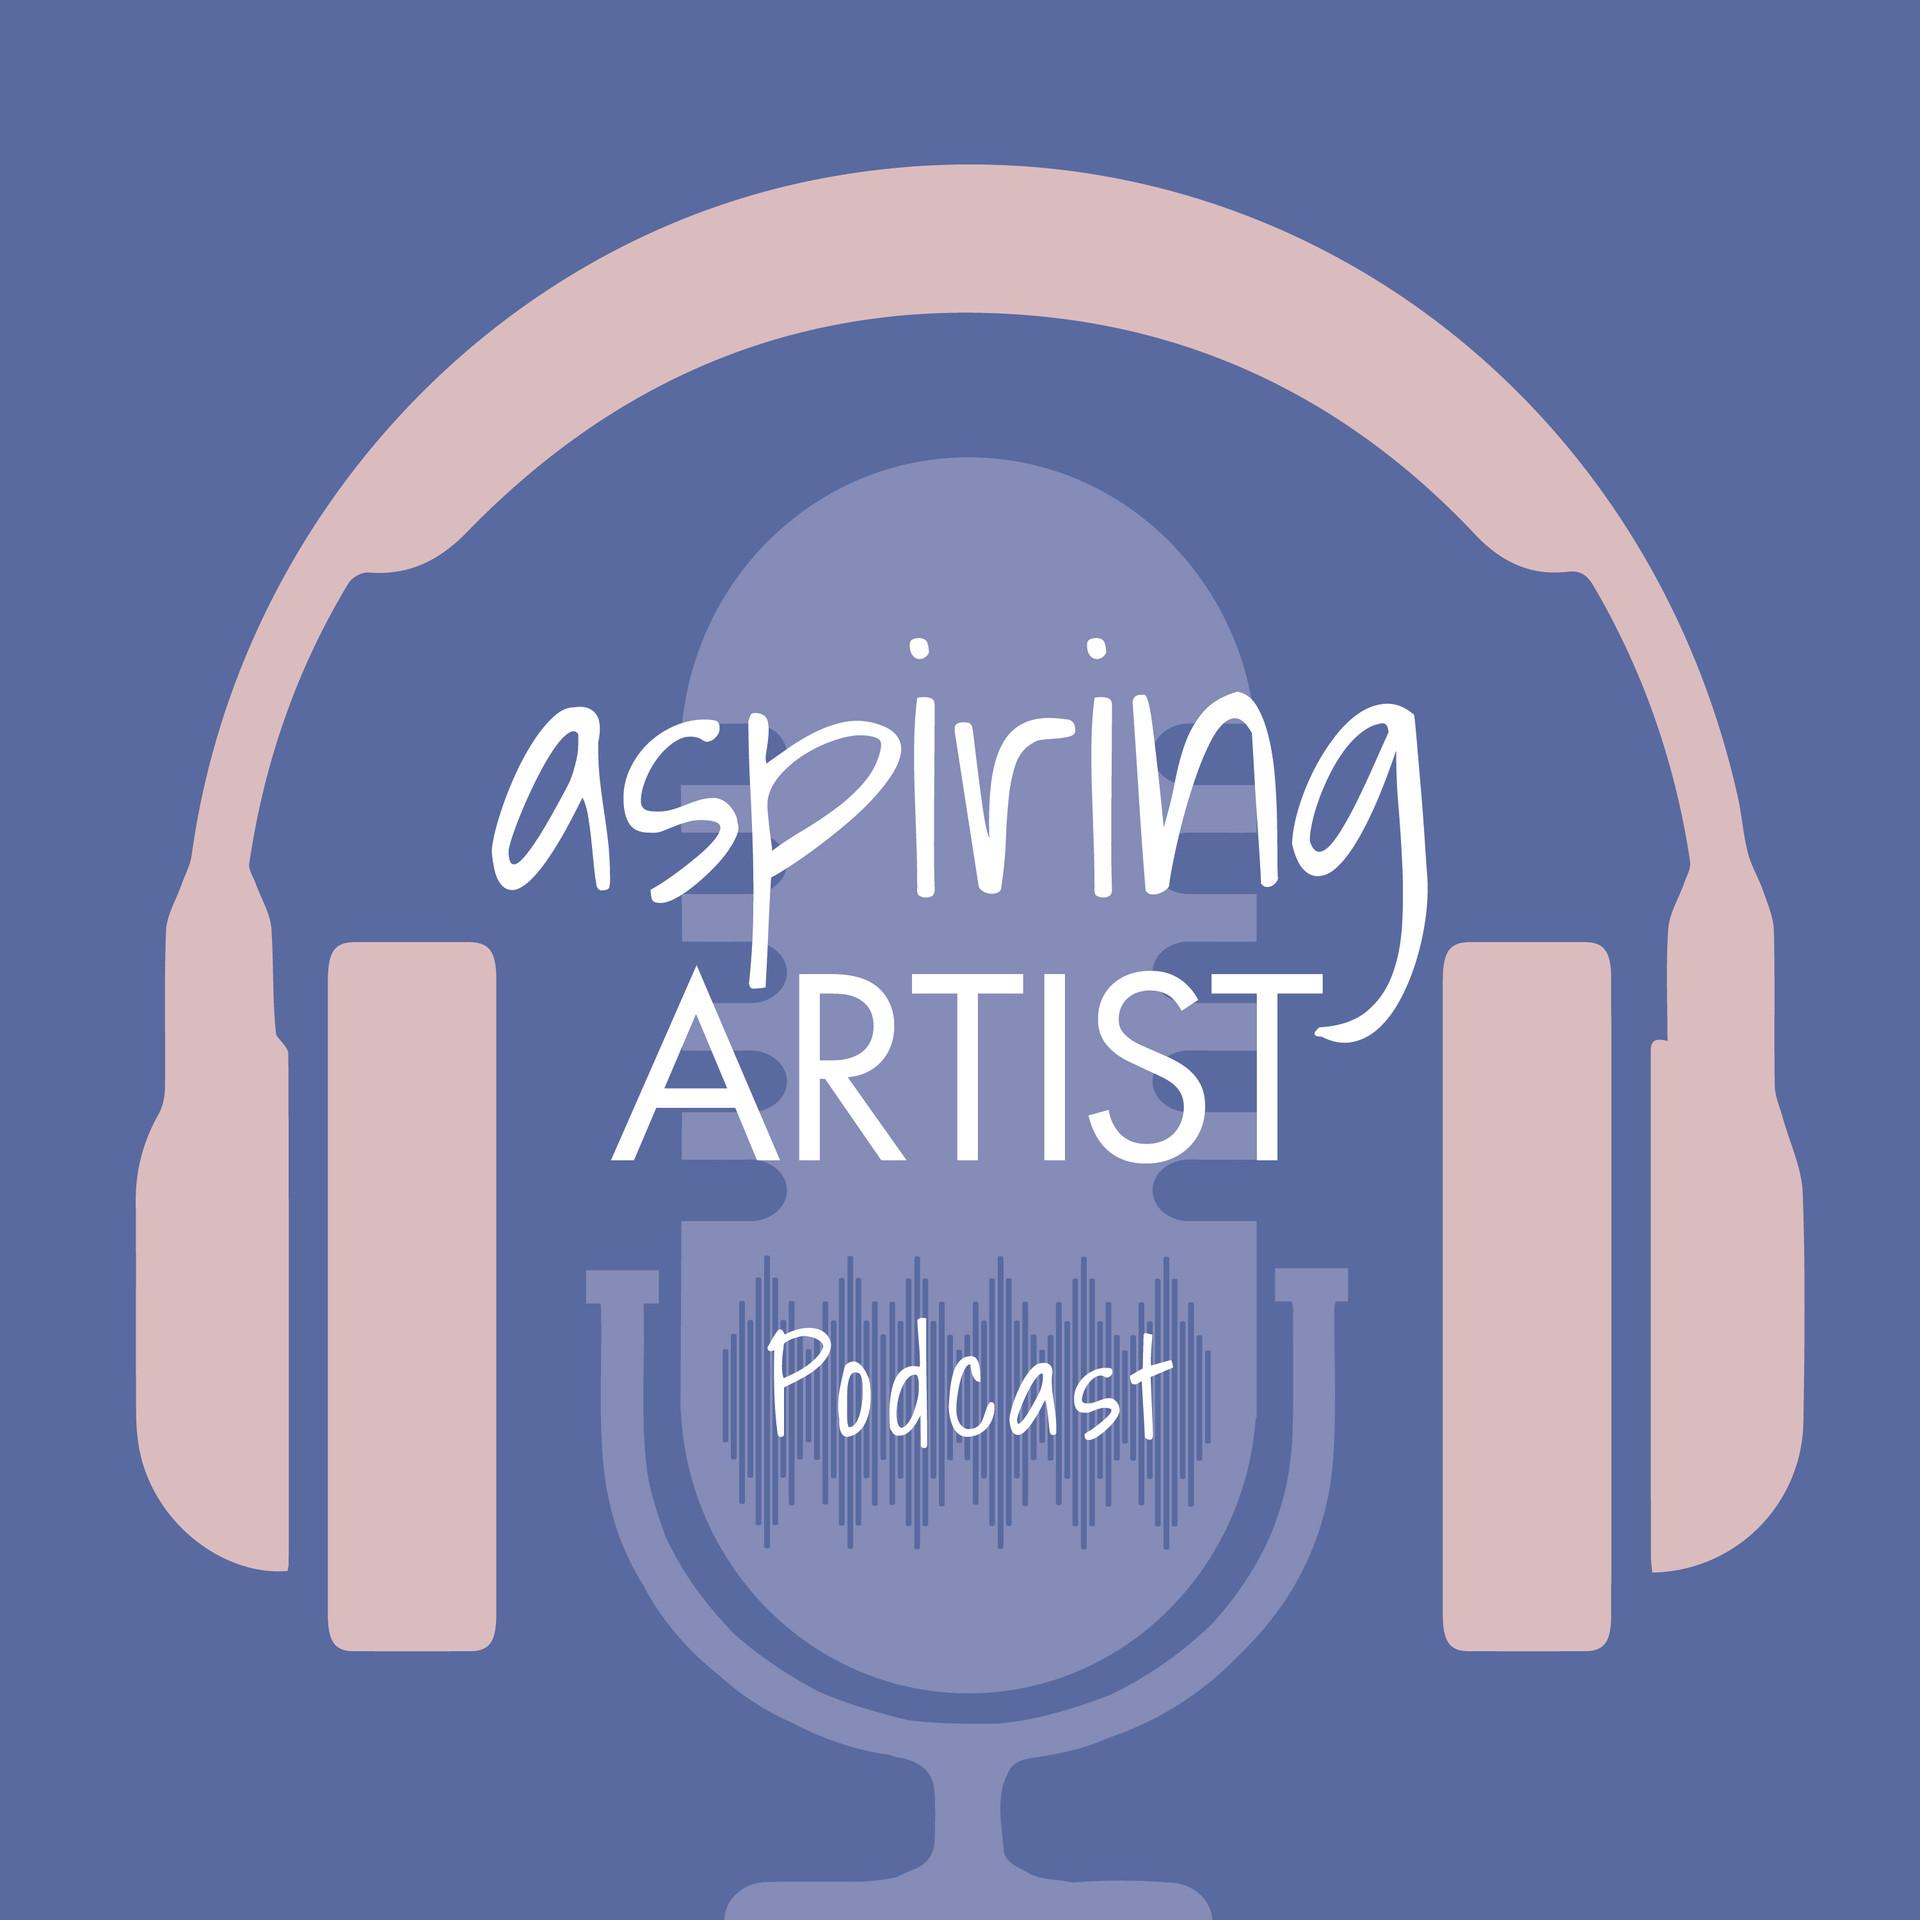 Aspiring_Artist_Podcast_Cover_Art.jpg